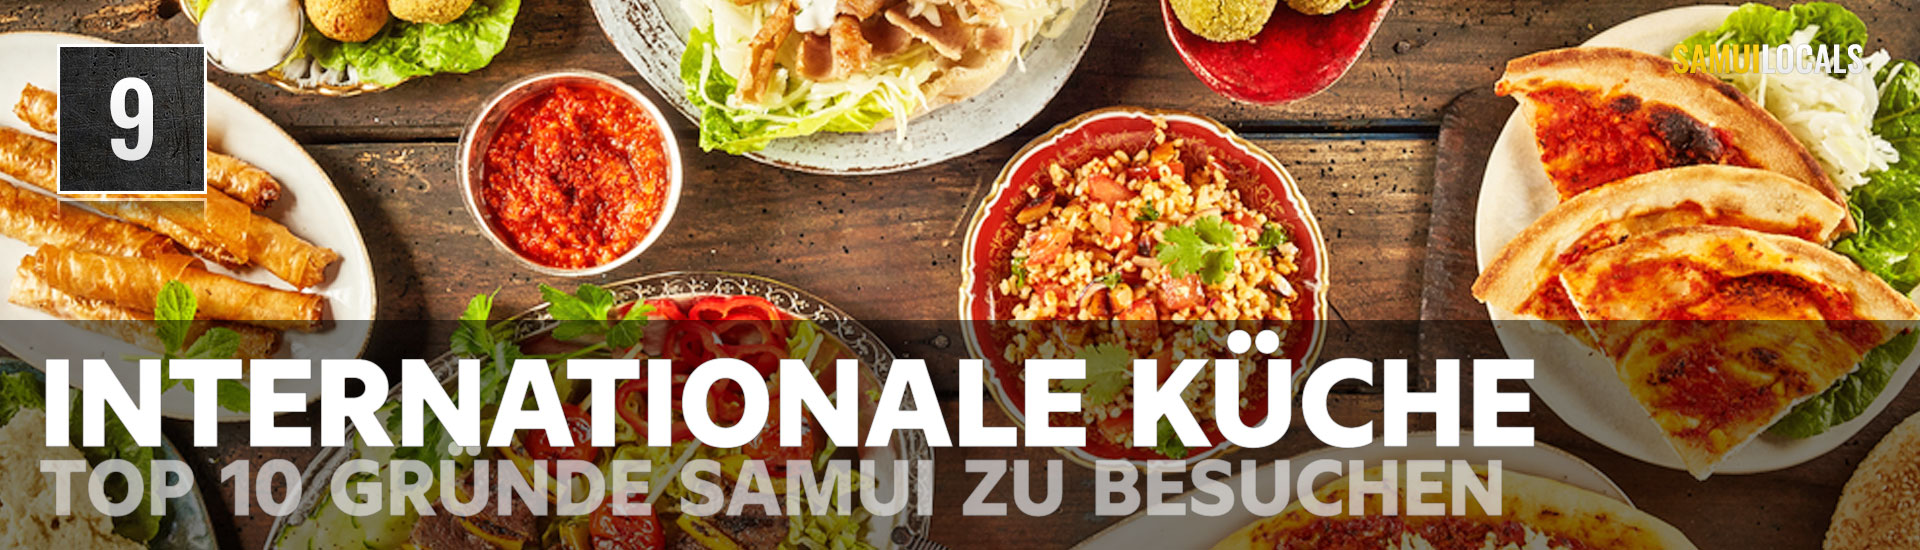 top_10_gruende_samui_zu_besuchen_Internationale_Kueche